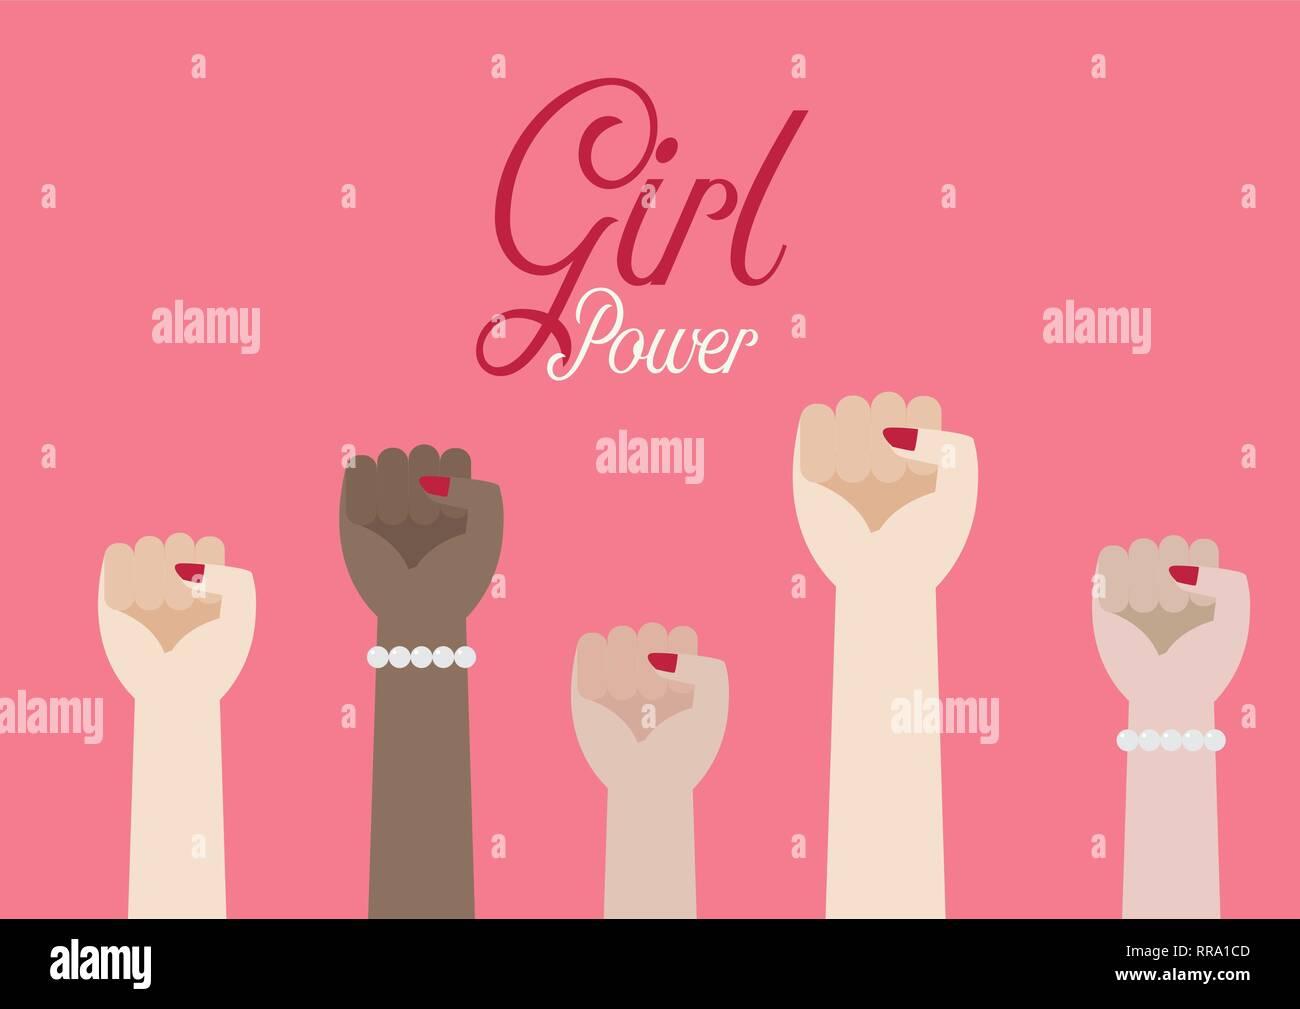 Le donne del pugno di mani e iscrizione Girl power. Illustrazione Vettoriale poster Illustrazione Vettoriale